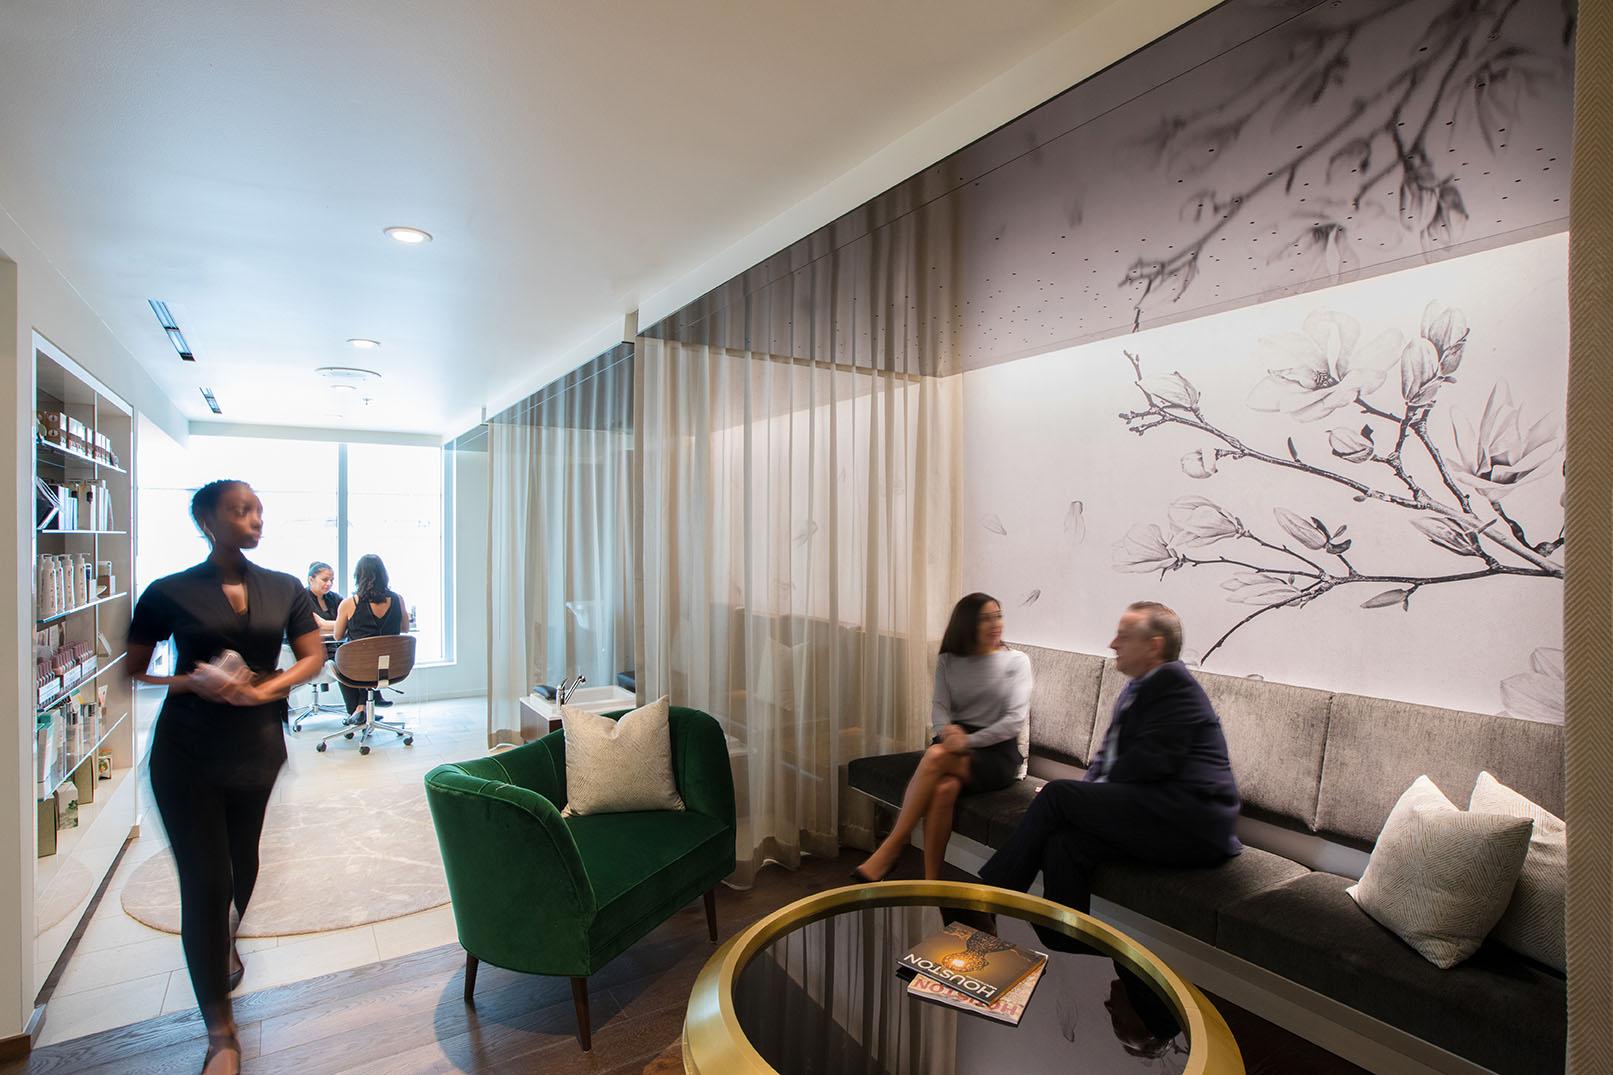 Hotel Alessandra in Houston, Texas